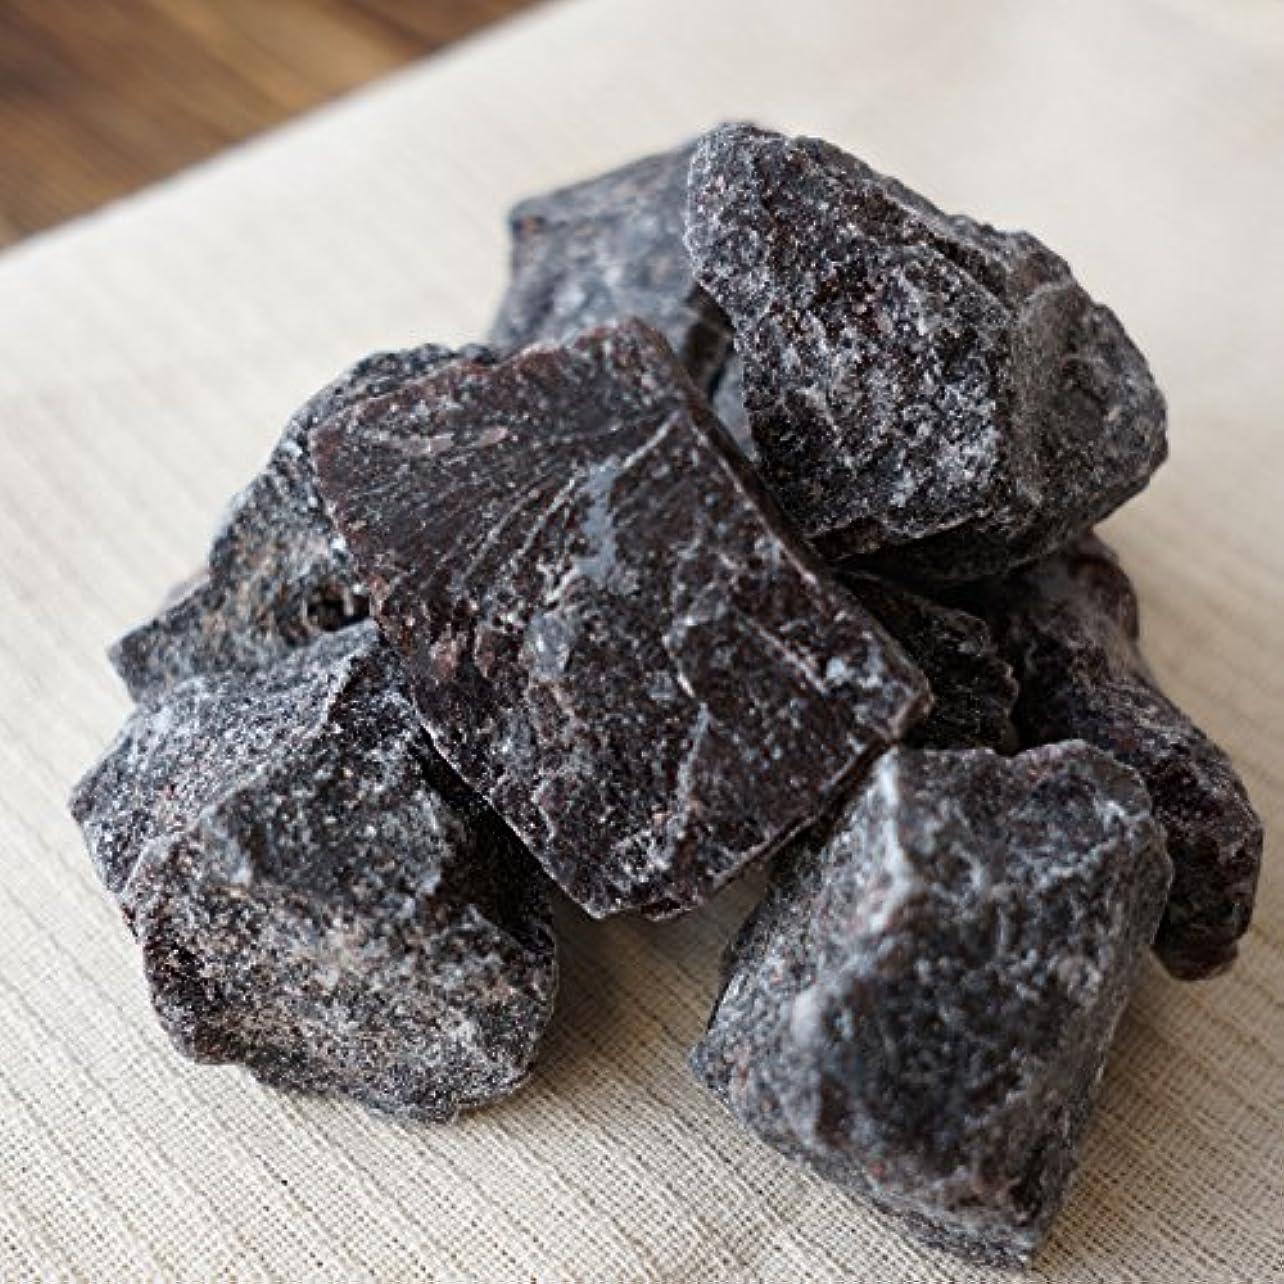 その付属品魅力的であることへのアピール希少 インド岩塩 ルビー ブロック 約2-5cm 20kg 20,000g 原料